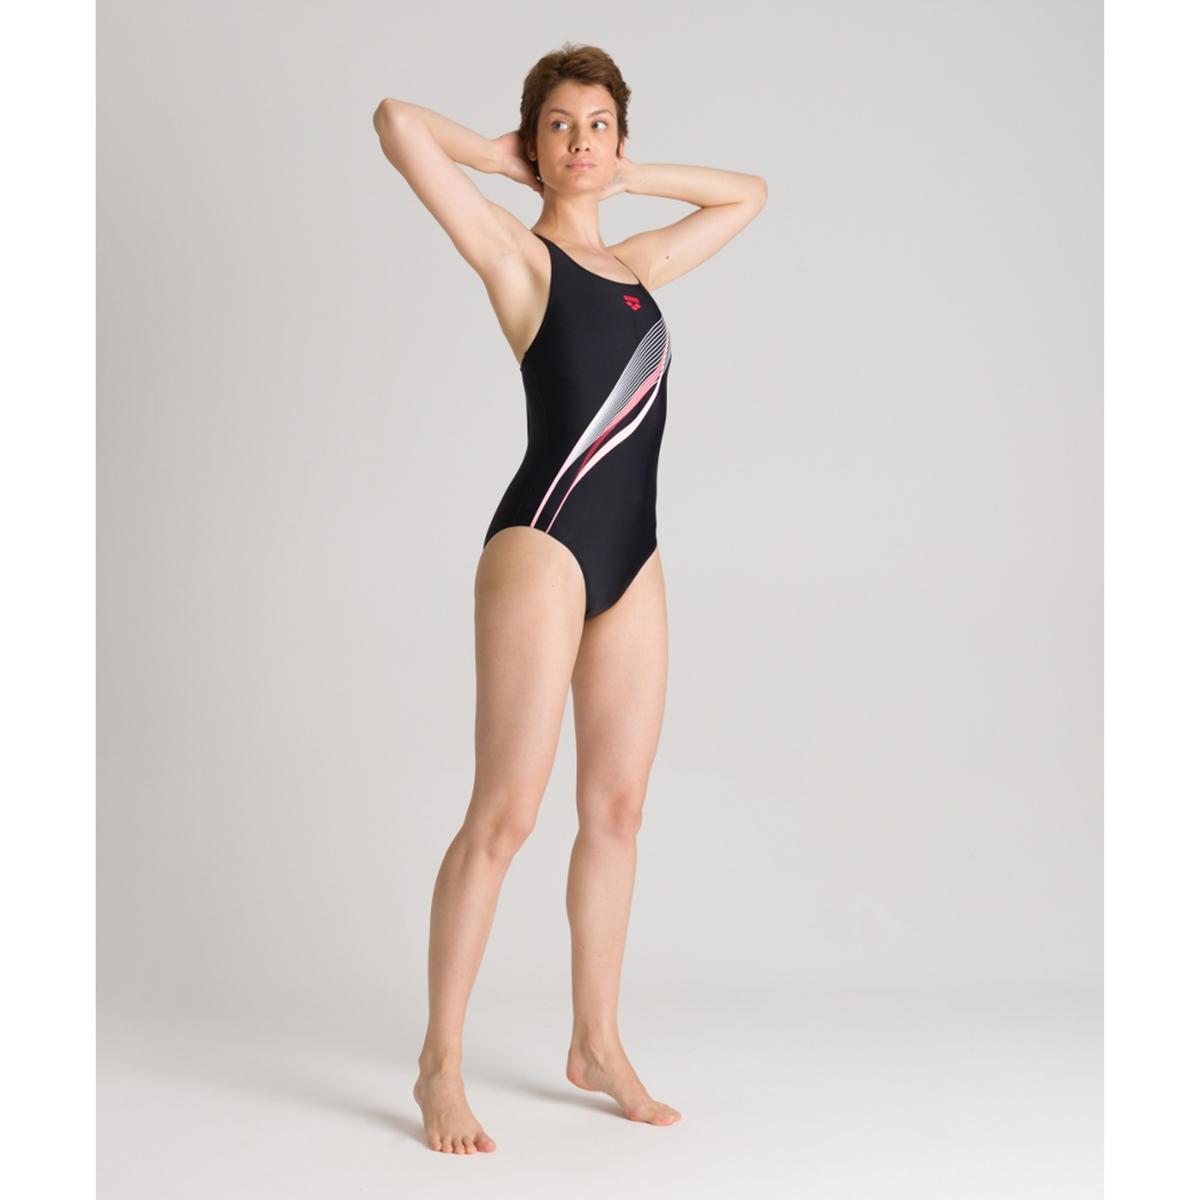 цена на Купальник La Redoute Цельный для занятий в бассейне Harmonious 46 (FR) - 52 (RUS) черный